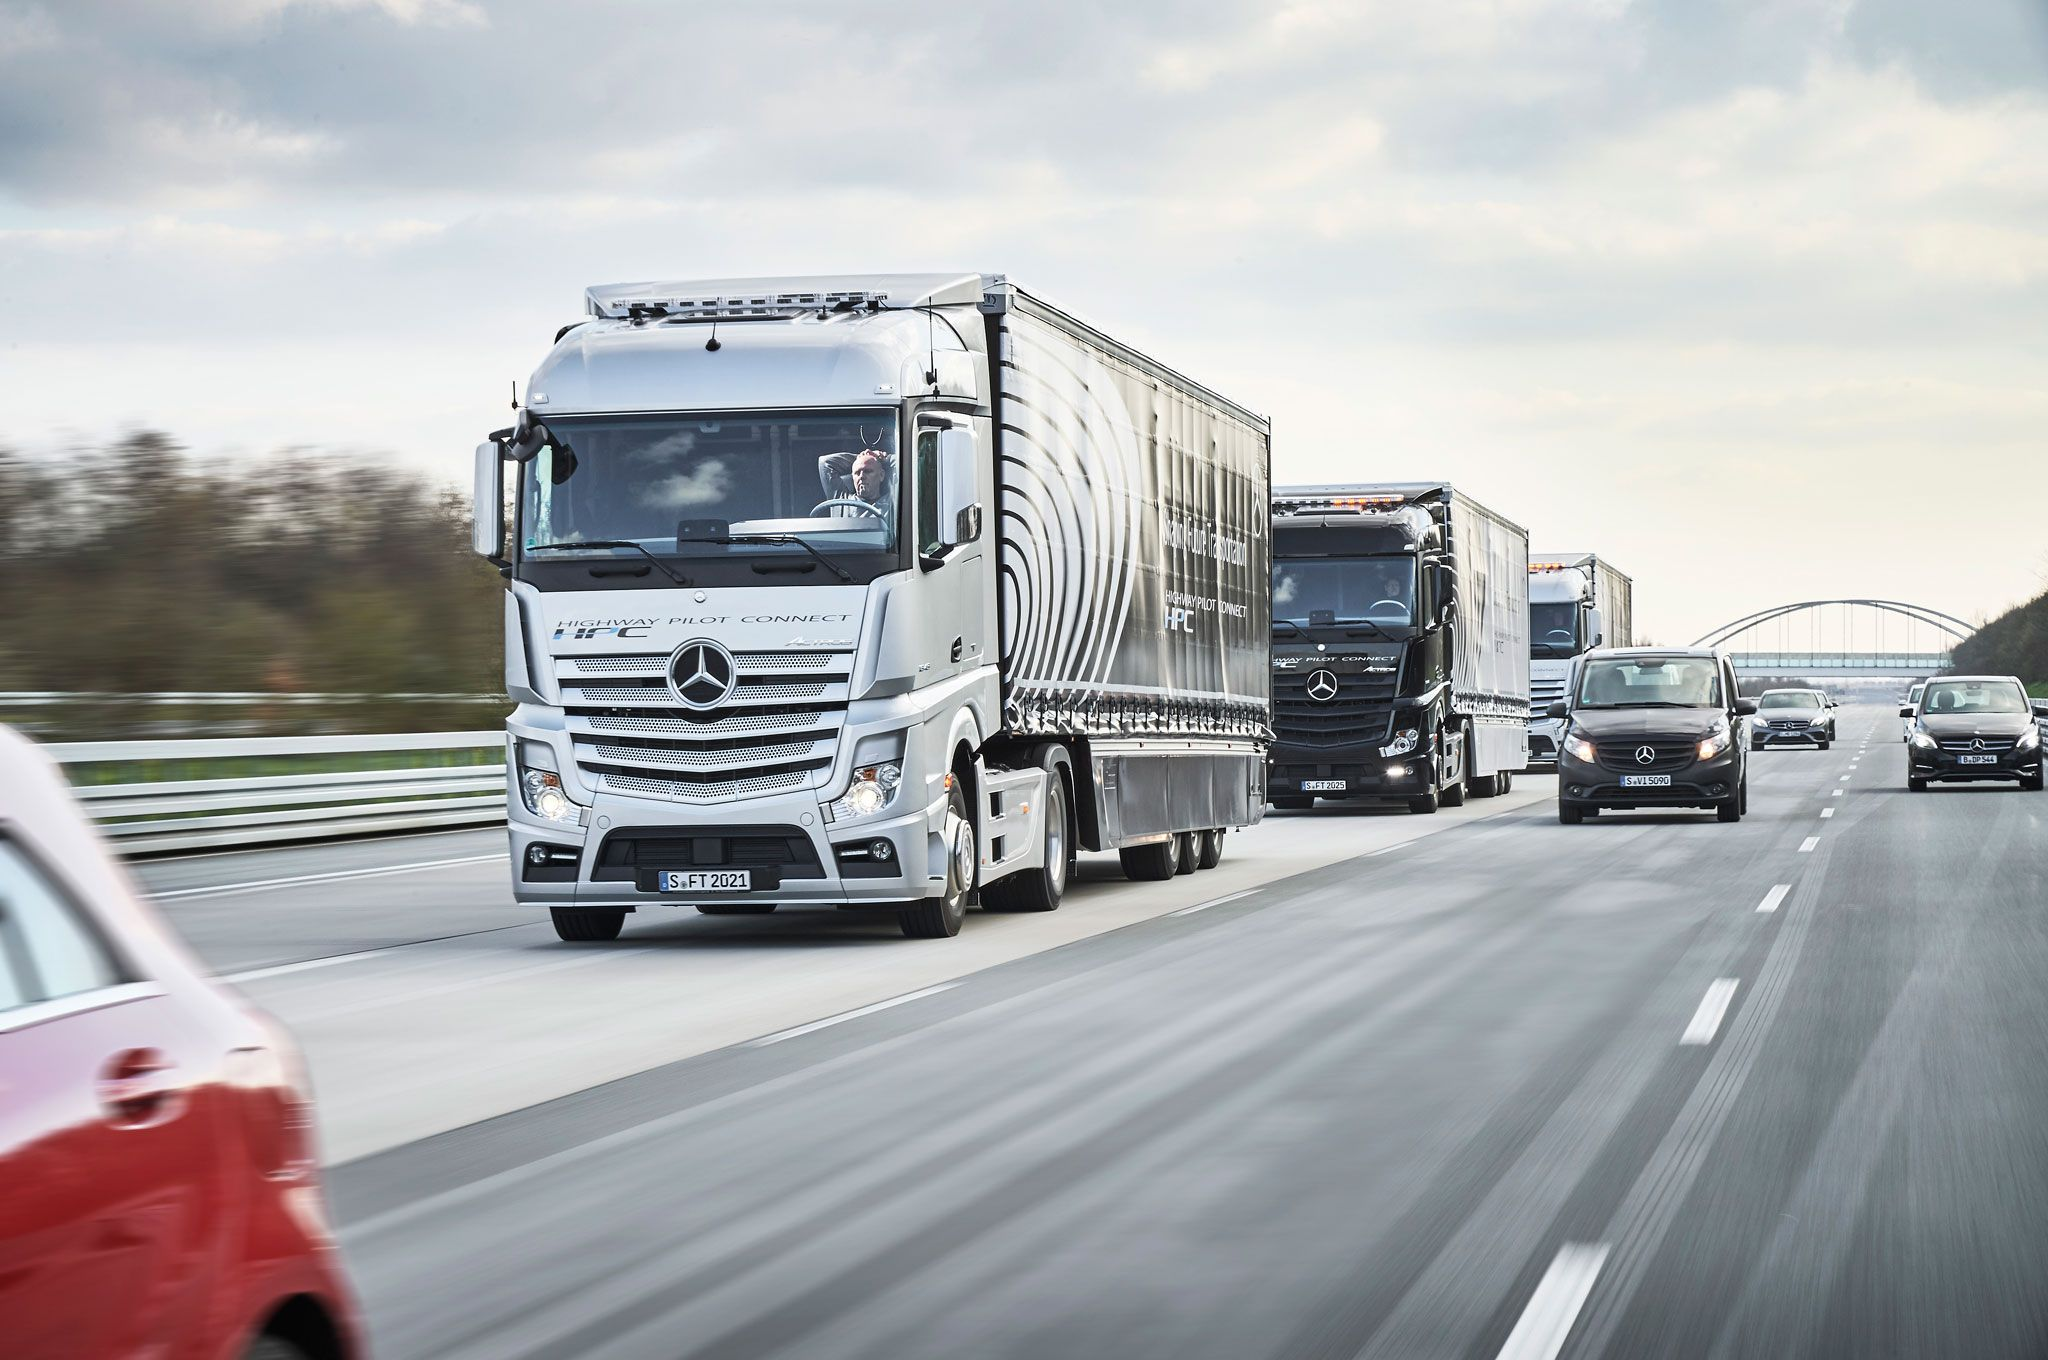 Mirrorlink Mercedes Vrachtwagen Truck